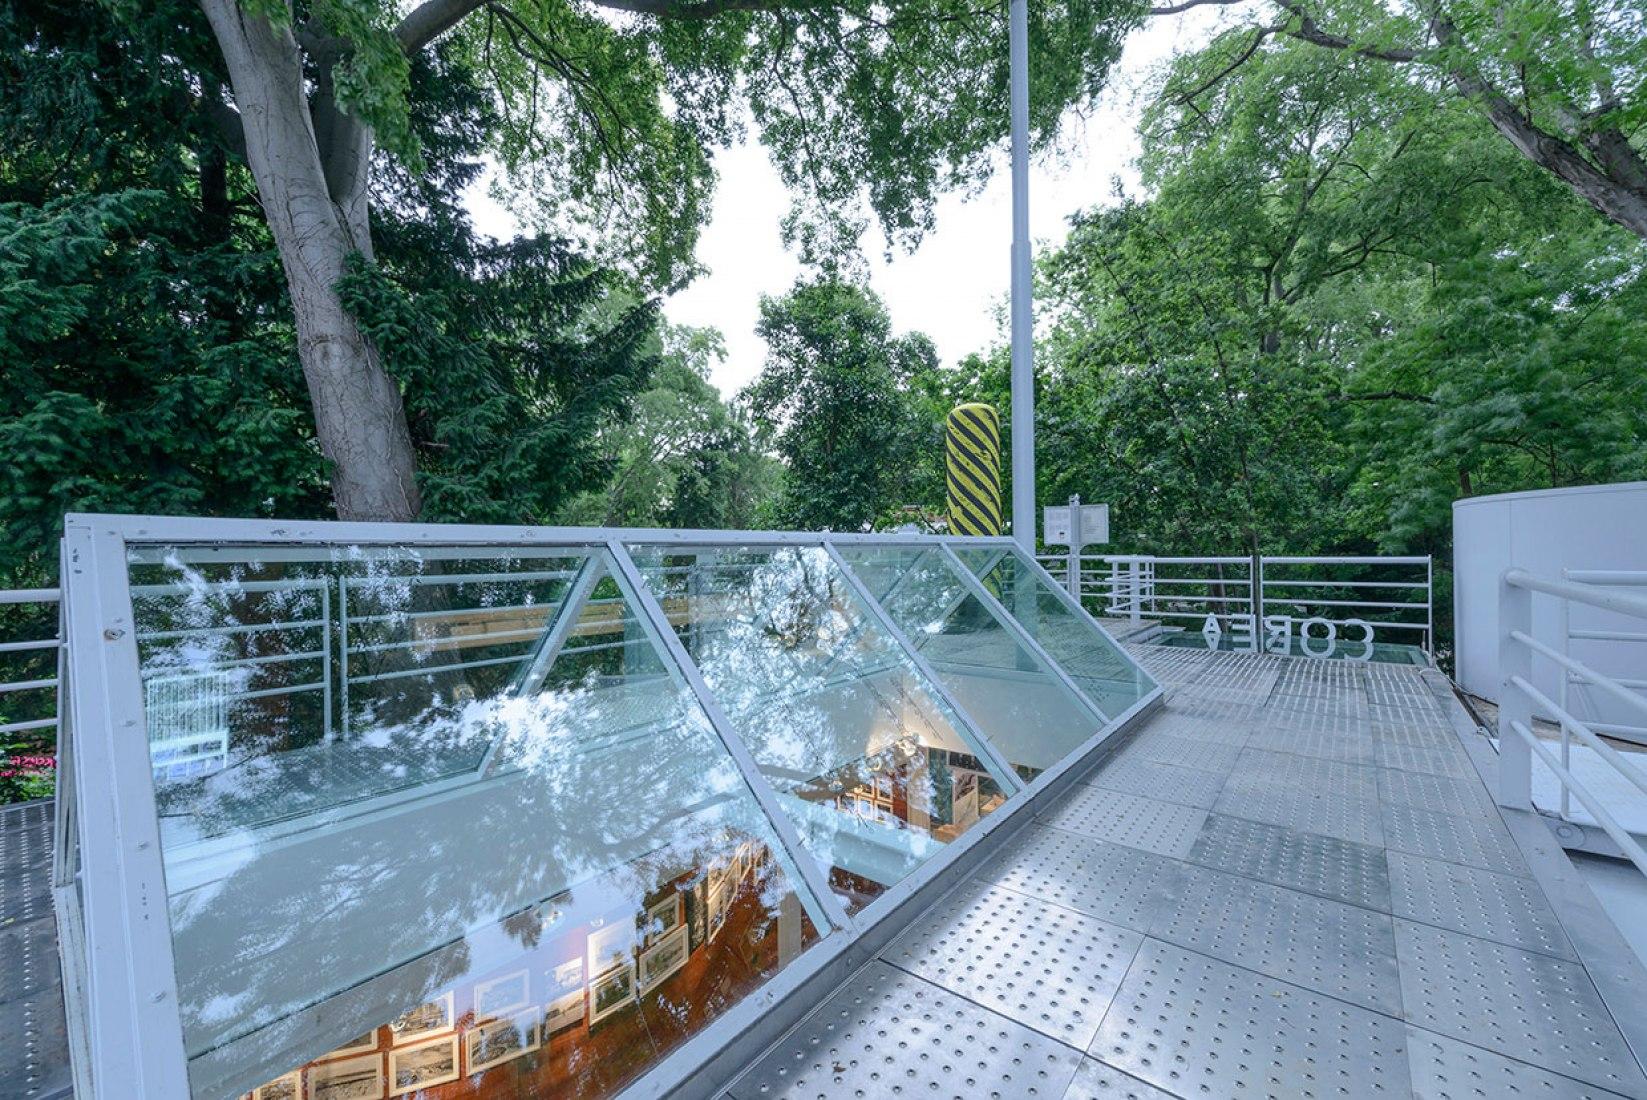 Vista exterior de la cubierta. León de Oro. Pabellón de Corea. Fotografía © Andrea Avezzù. Cortesía de la Biennale di Venezia.